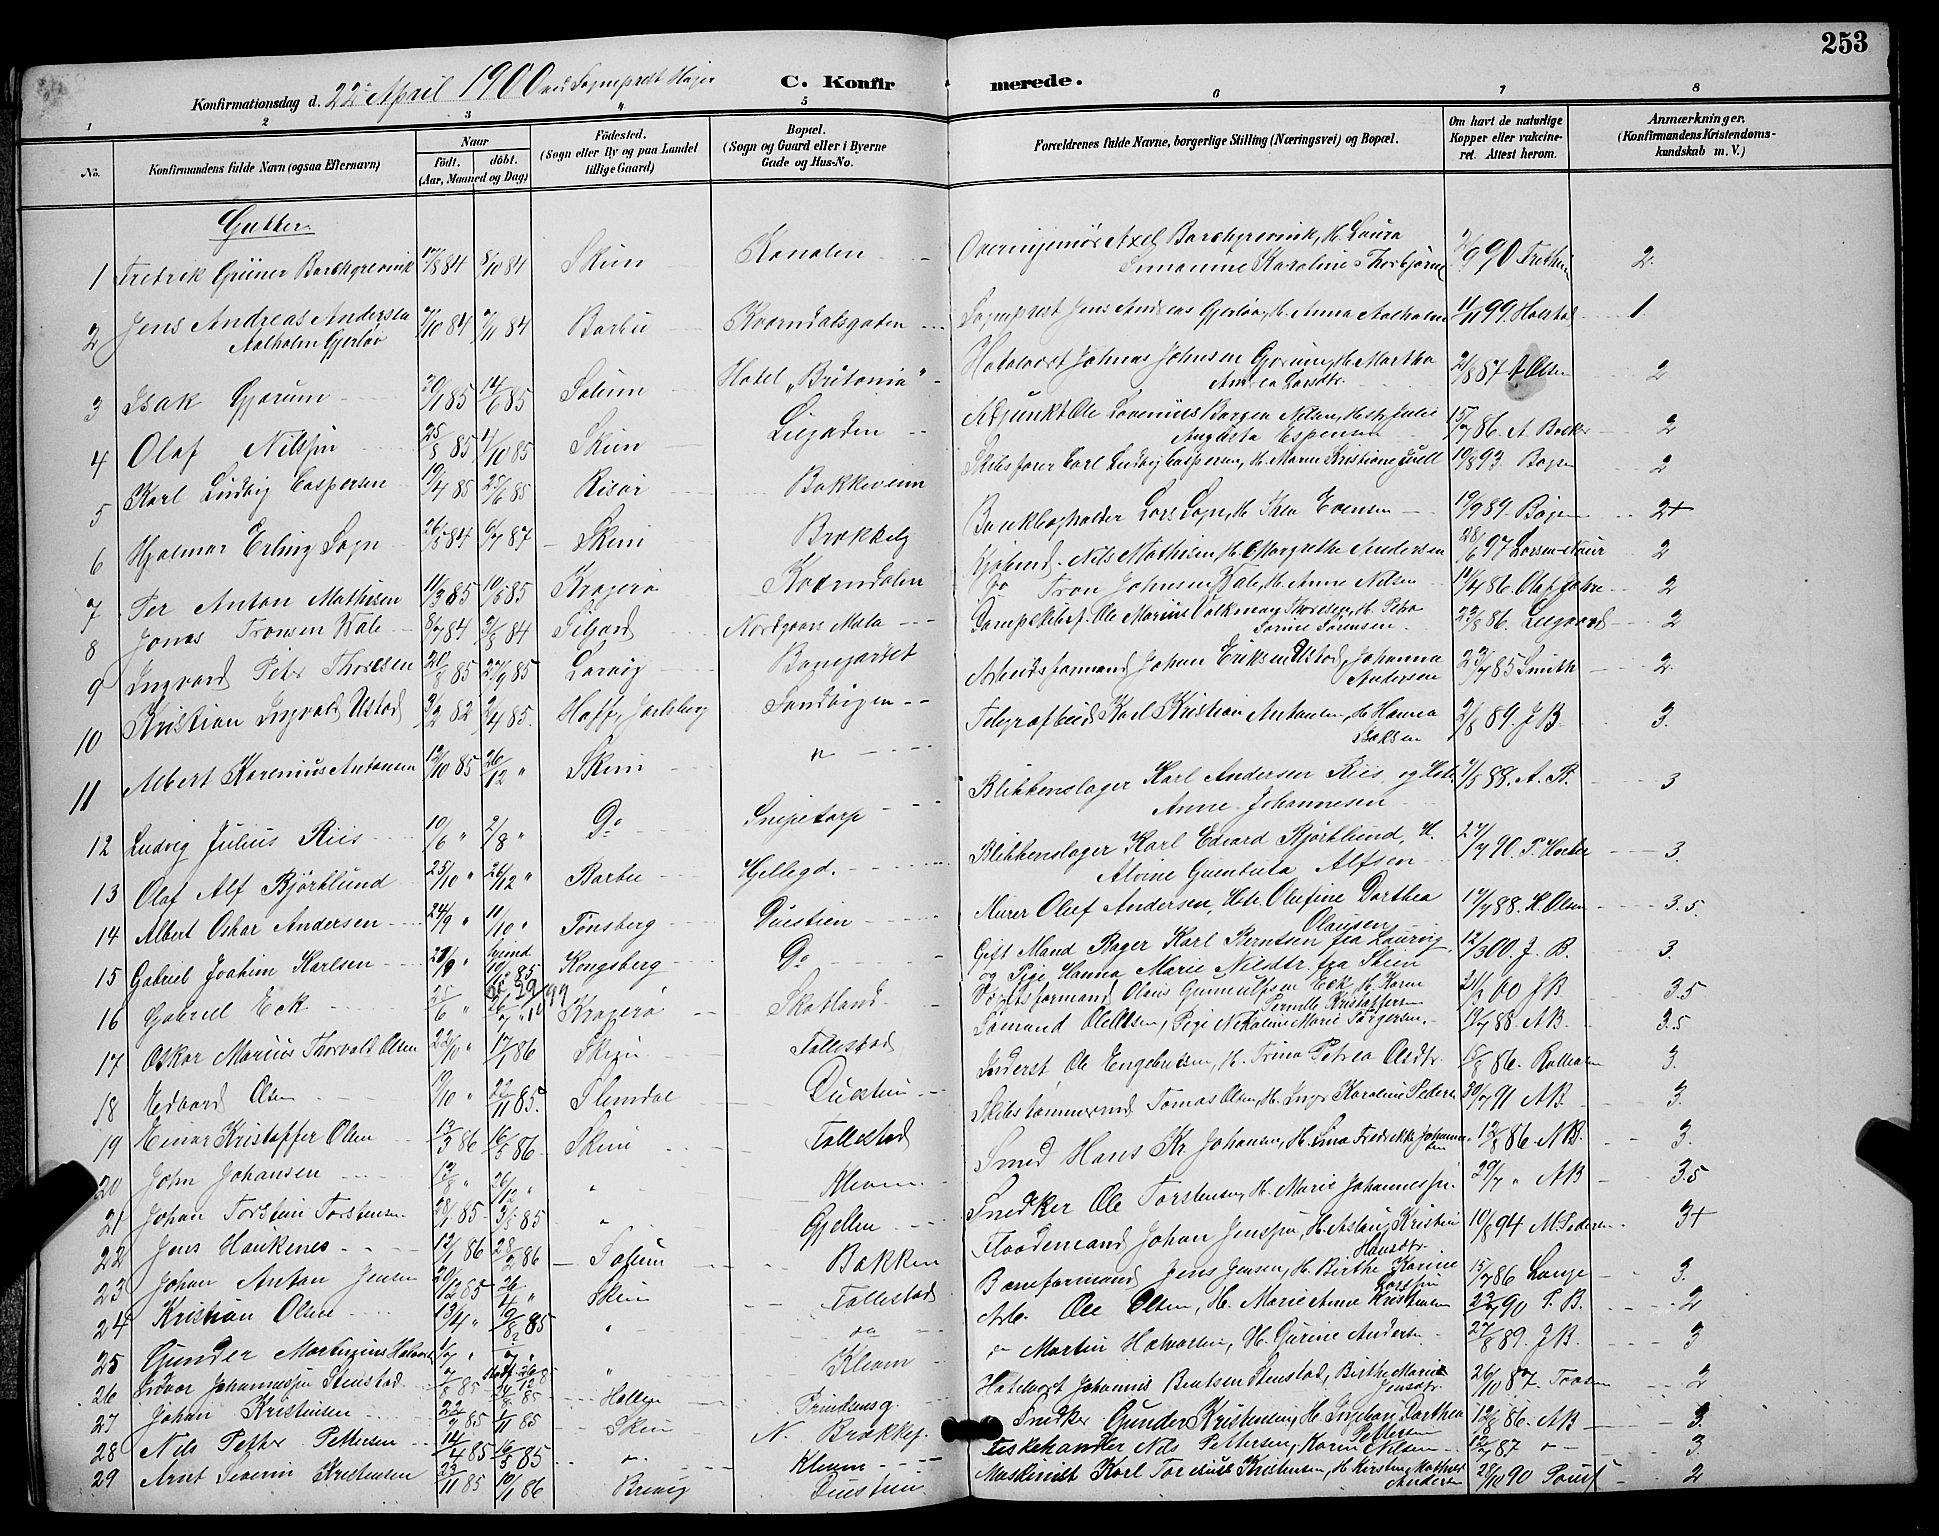 SAKO, Skien kirkebøker, G/Ga/L0007: Klokkerbok nr. 7, 1891-1900, s. 253